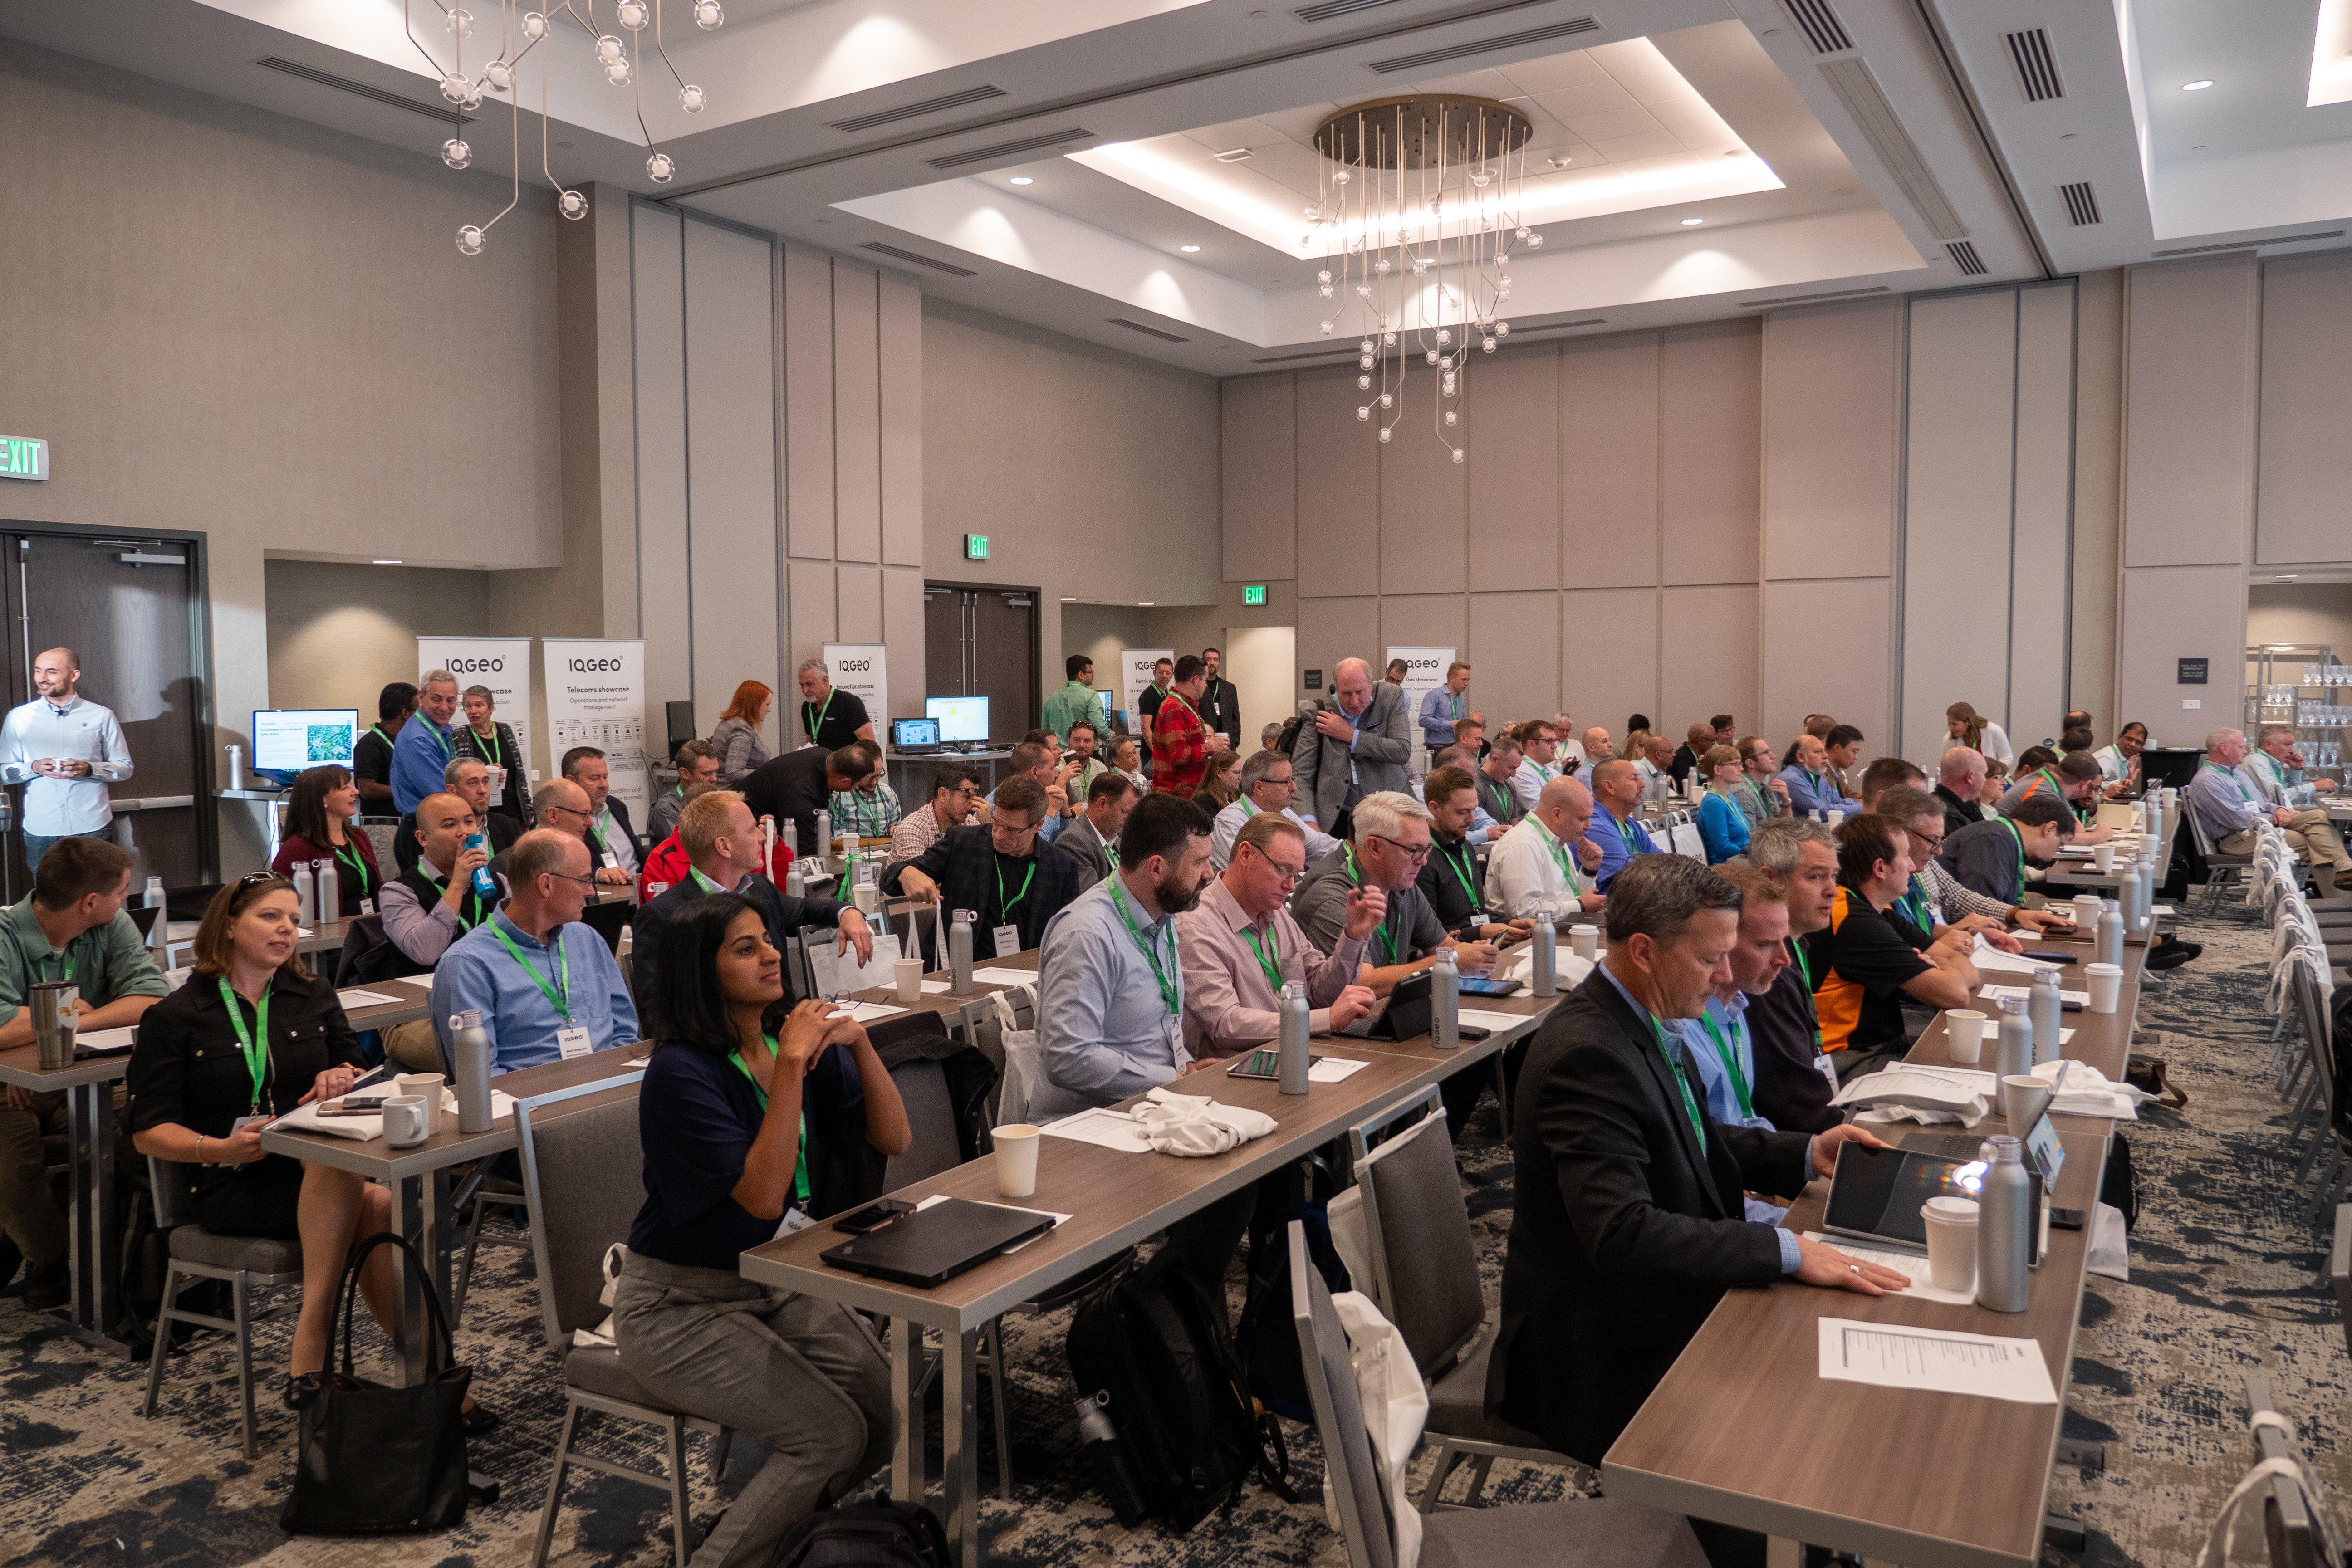 IQGeo_Meetup_2019_delegates